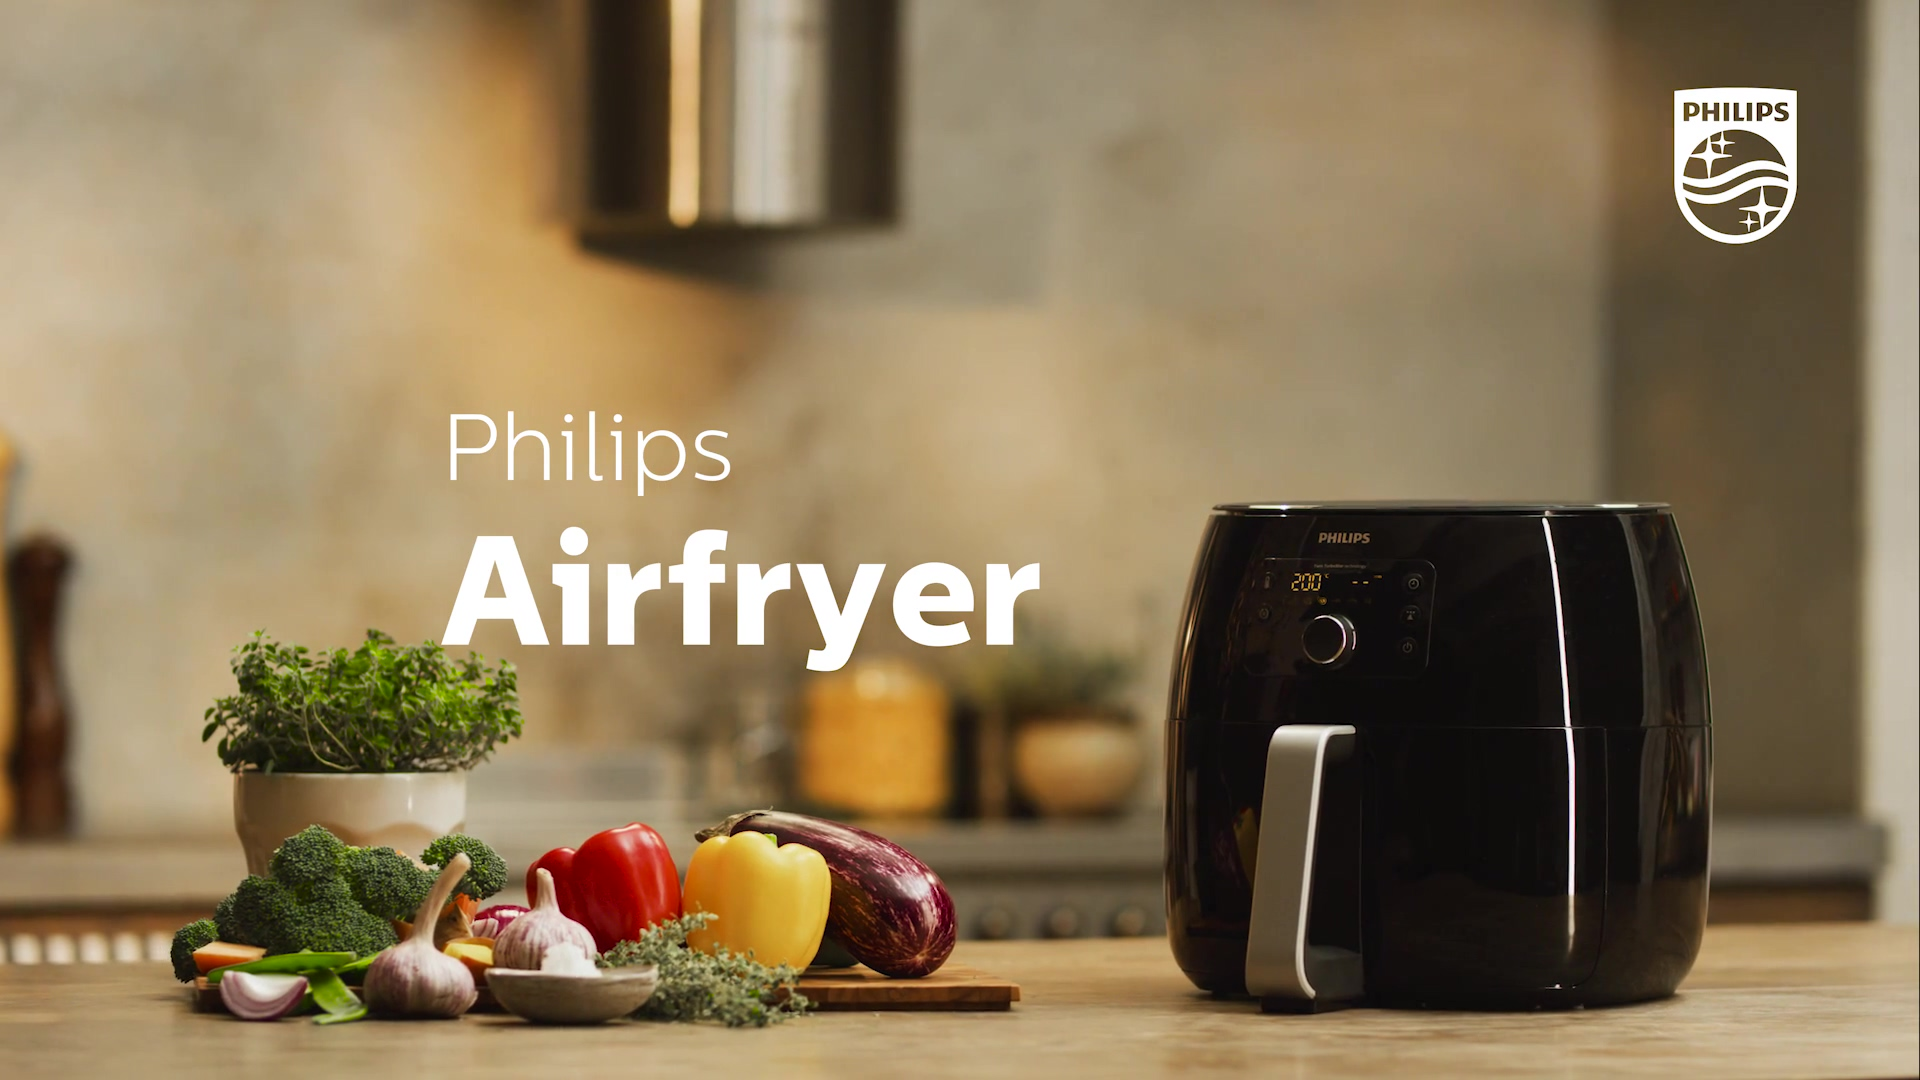 Philips - Airfryer